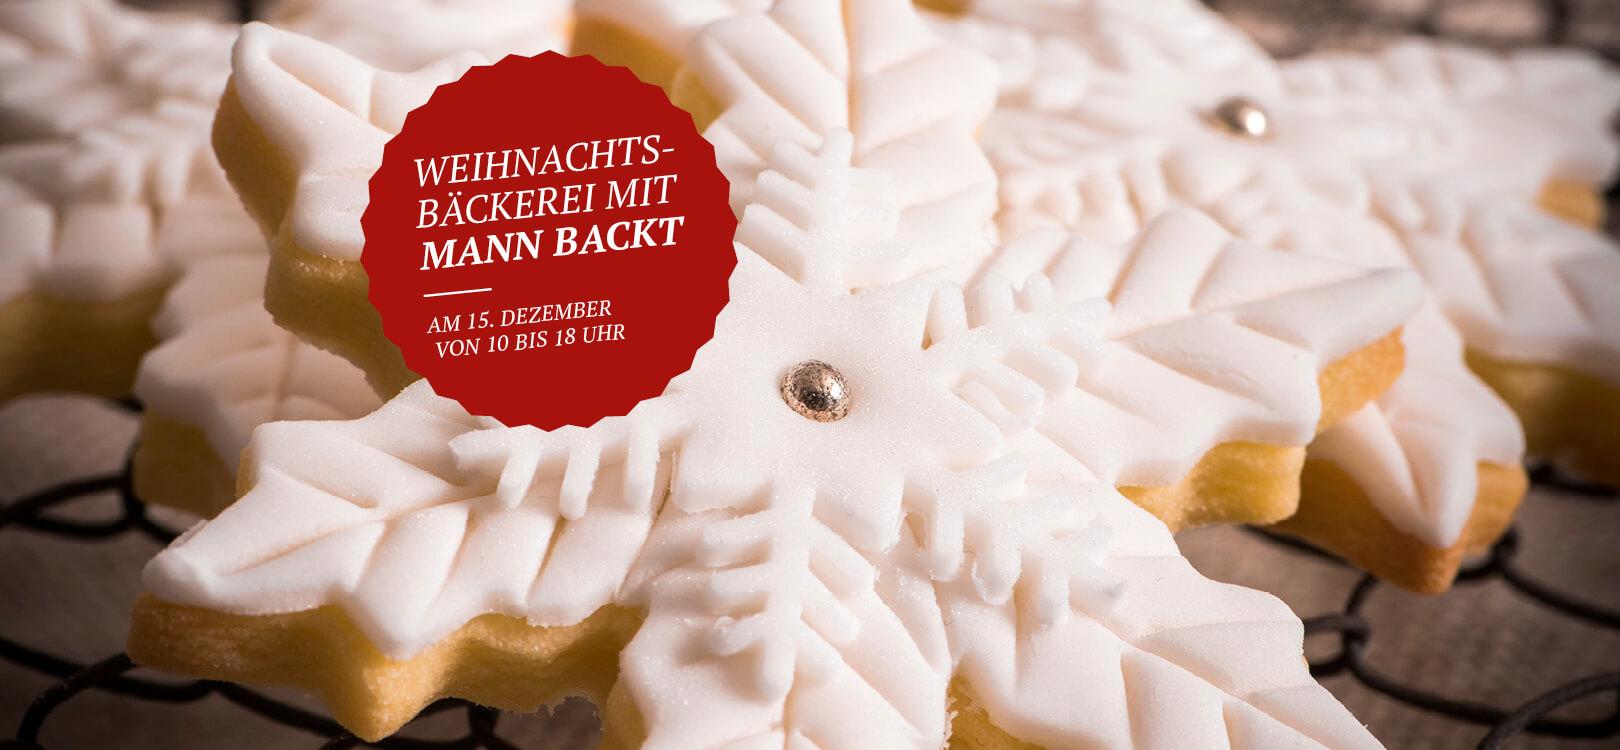 Weihnachtsbäckerei mit Mann backt